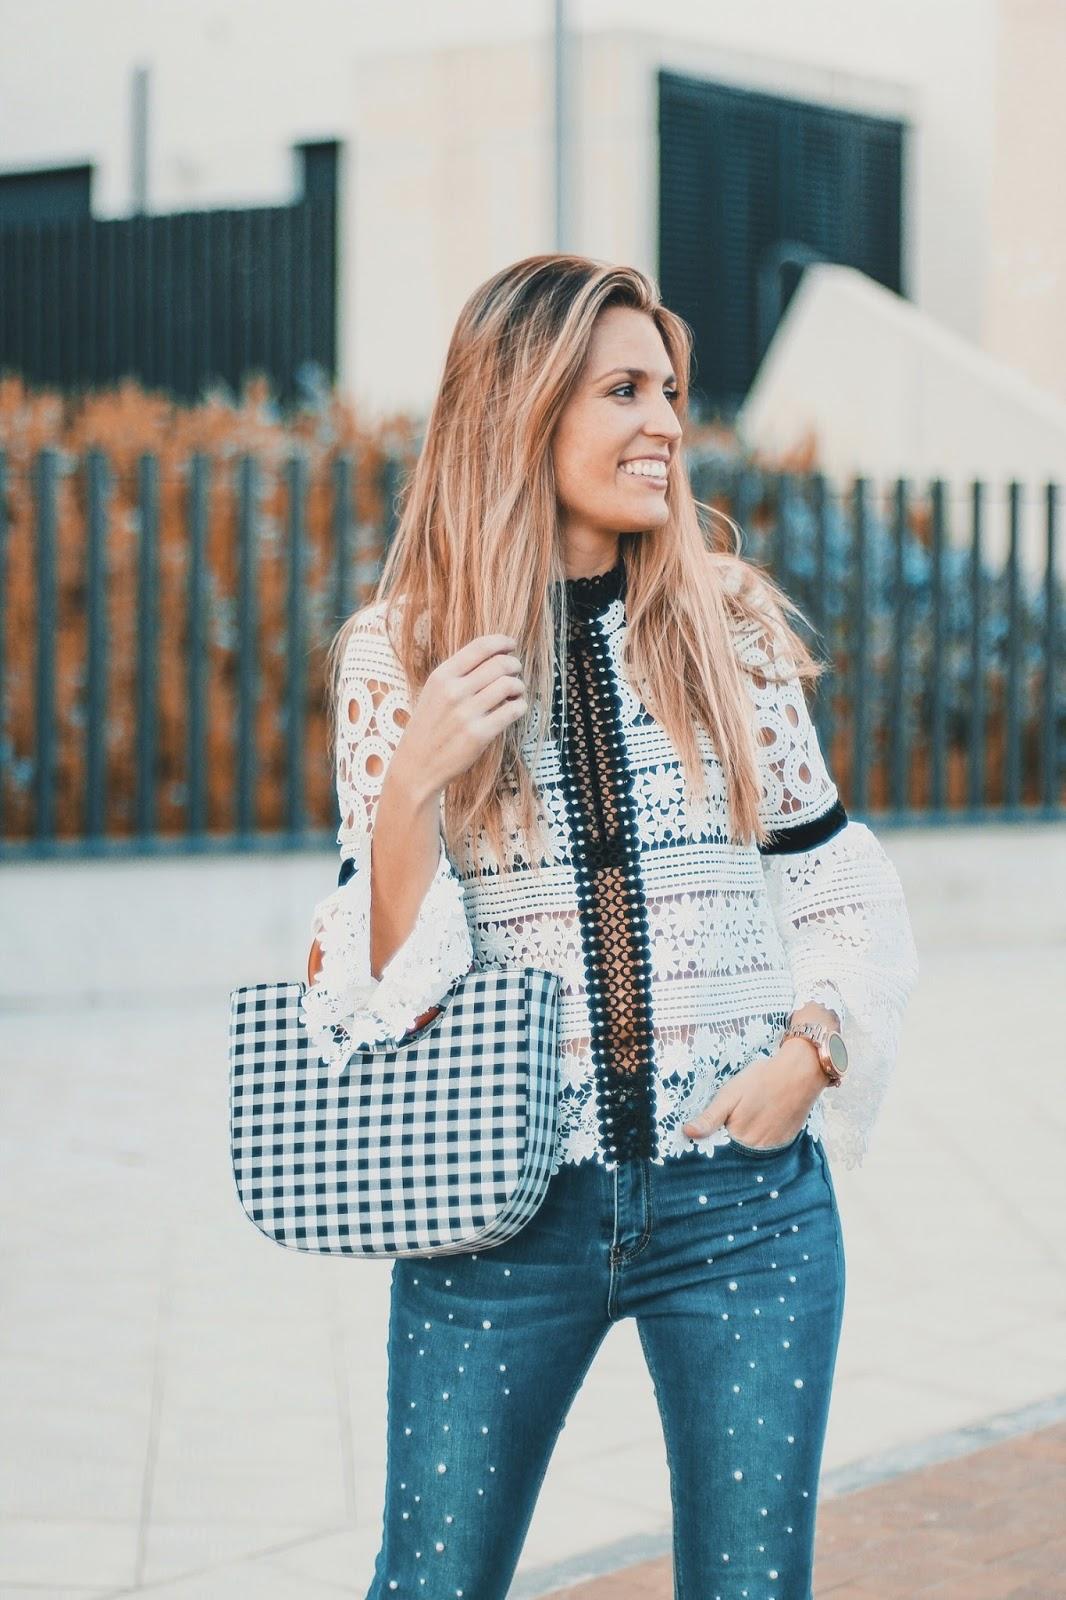 blusa crochet blanca y negra